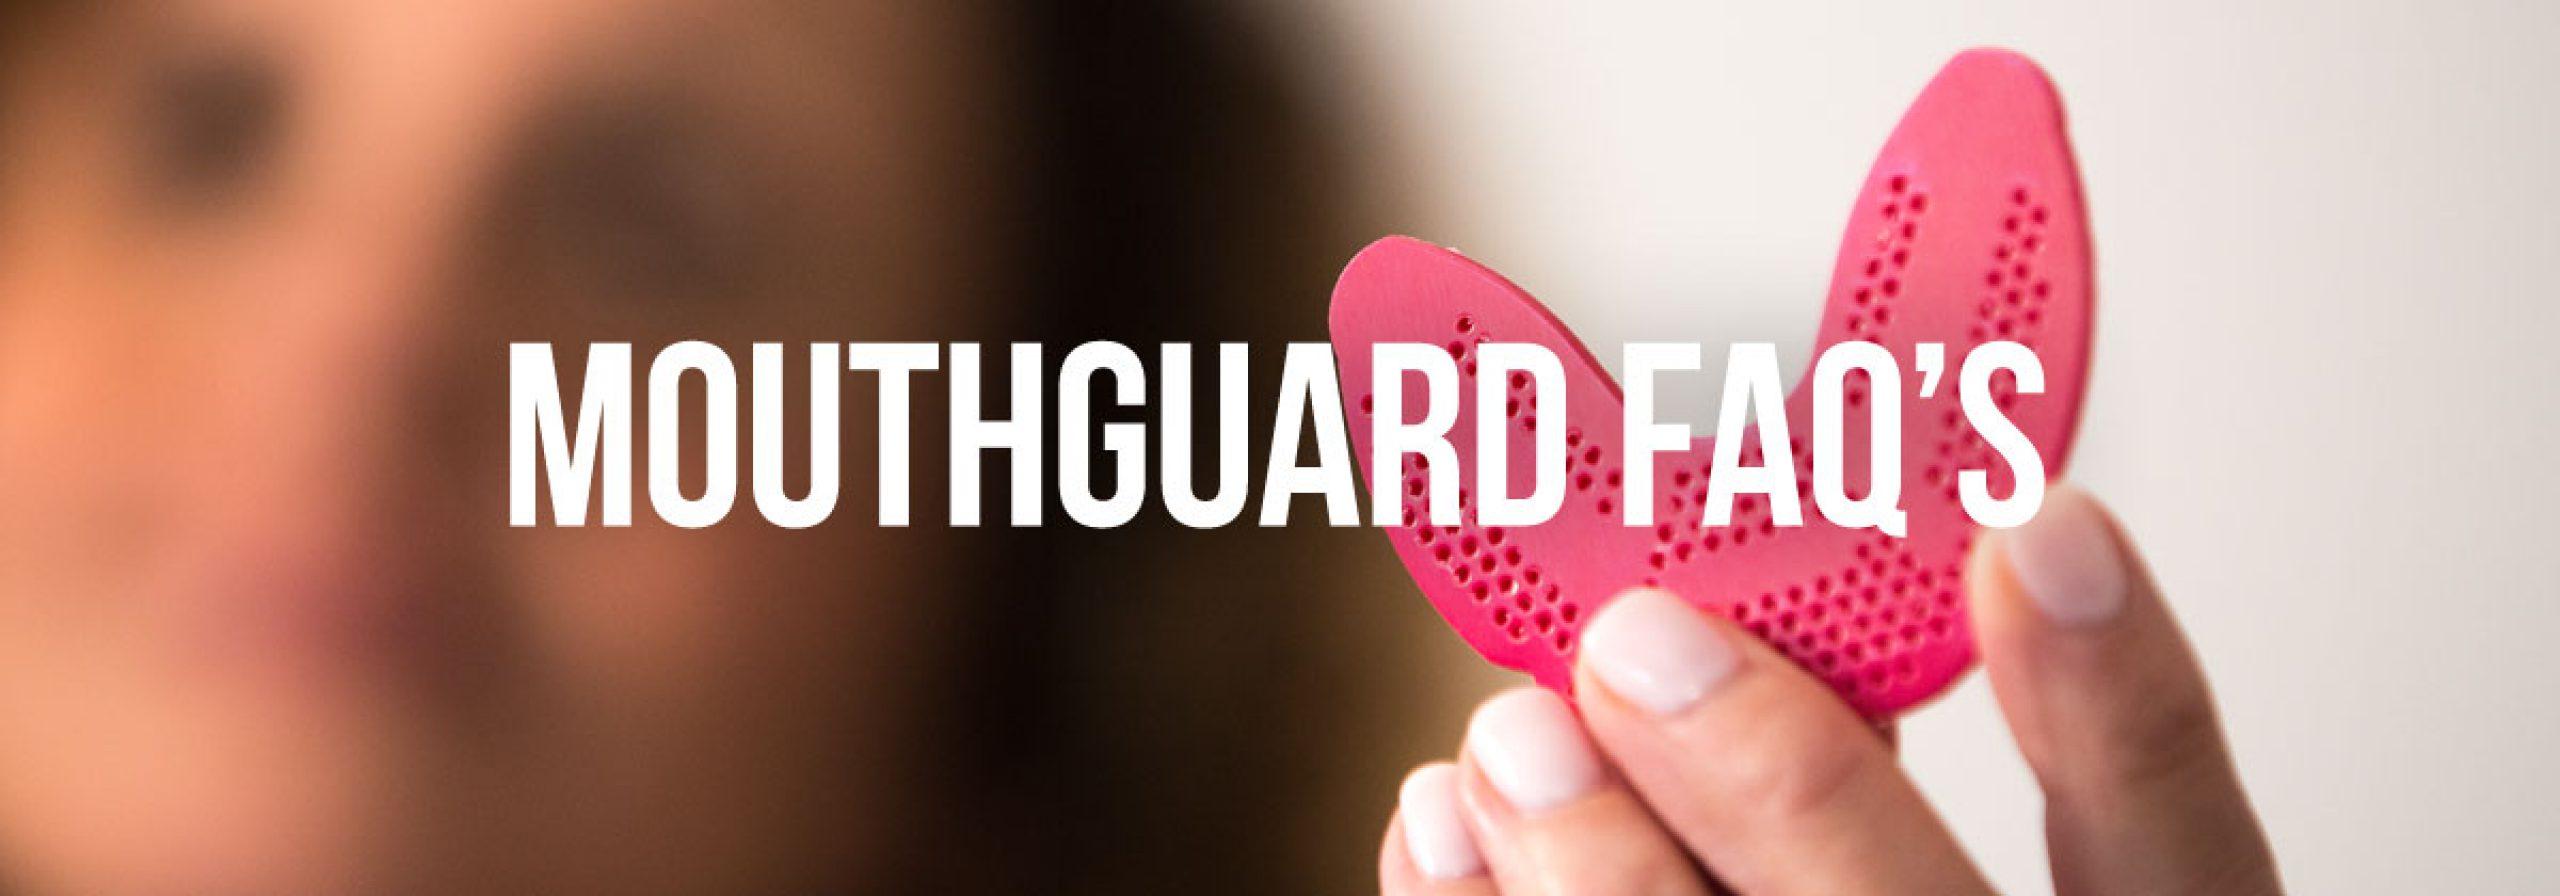 mouthguard_faq